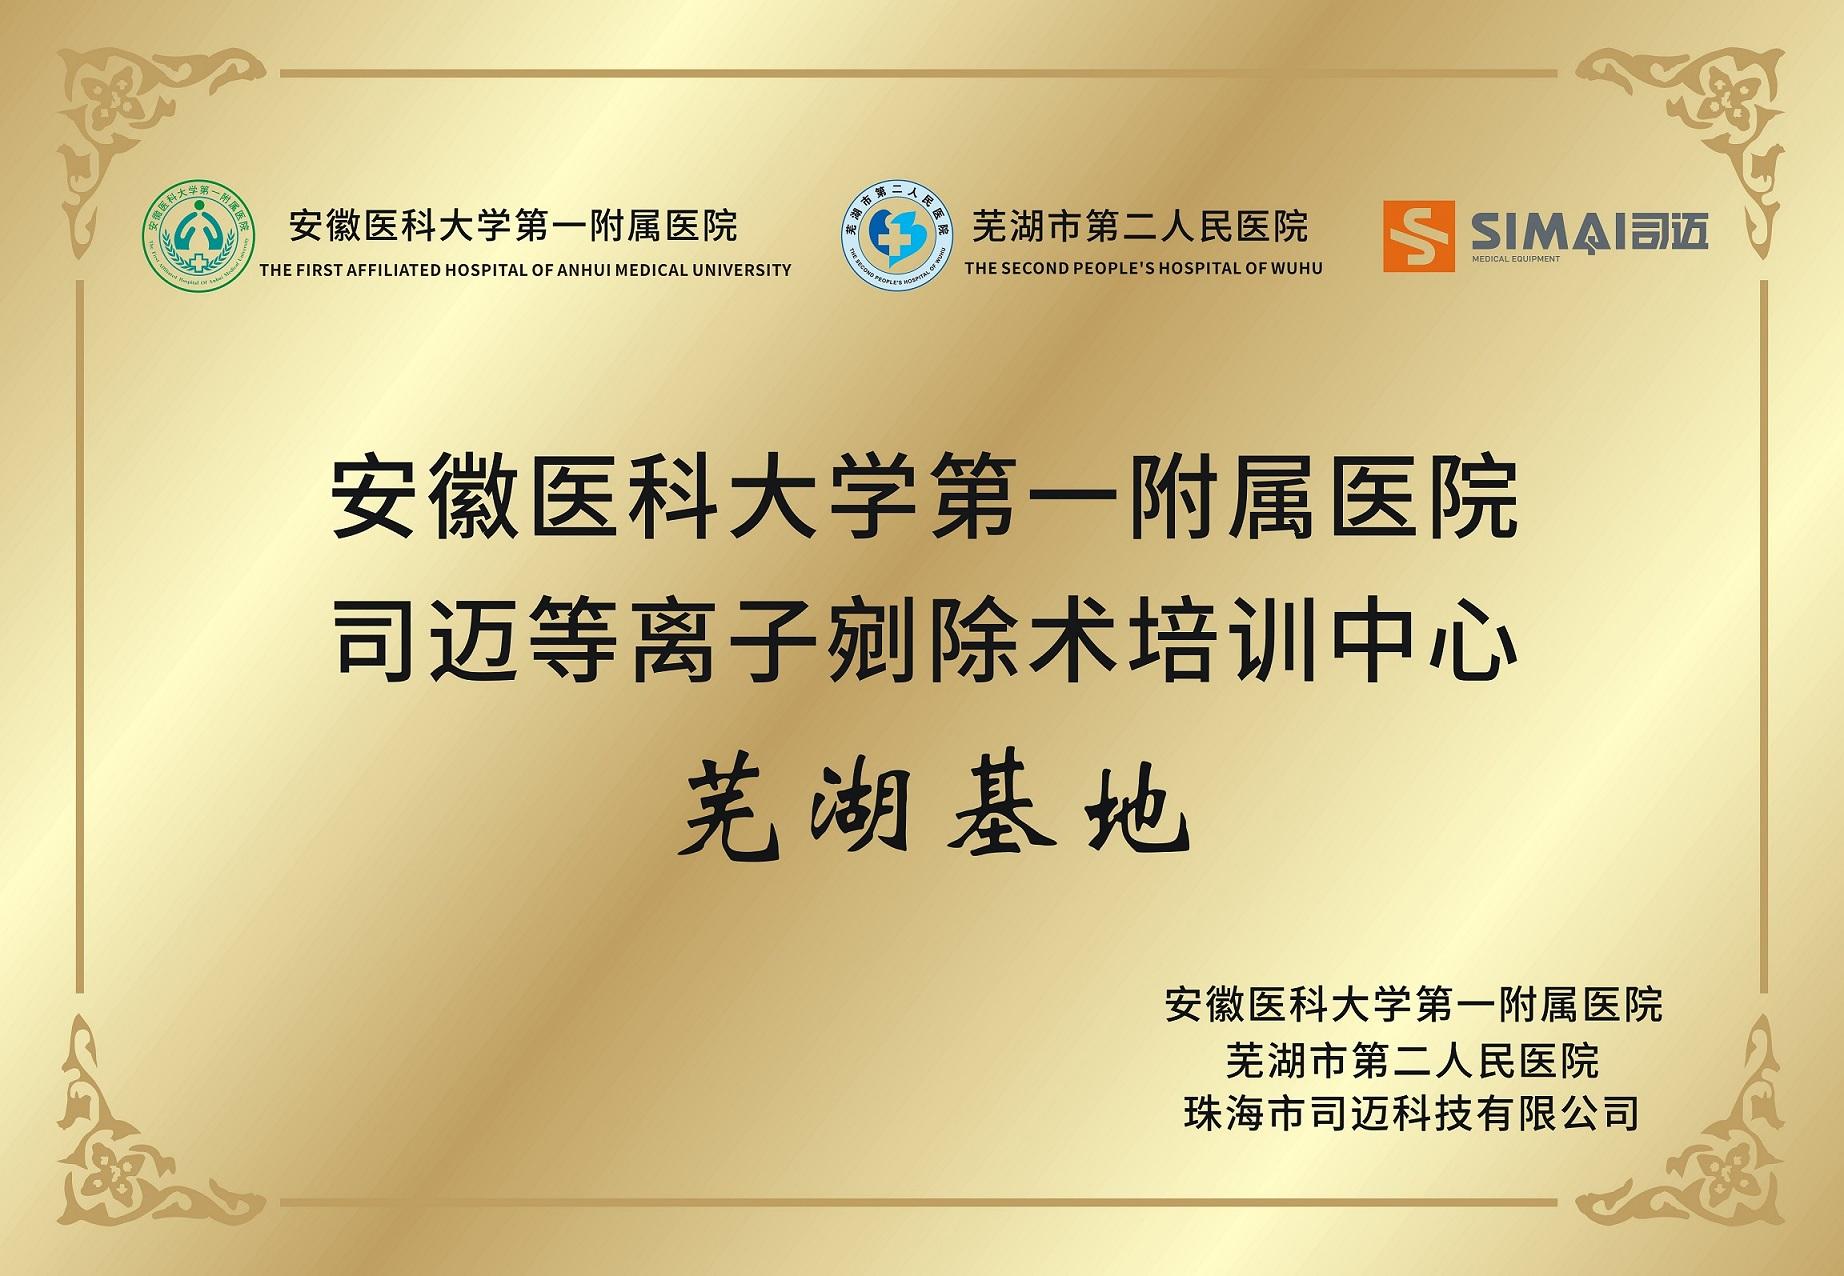 安徽医科大学第一附属医院培训中心芜湖基地